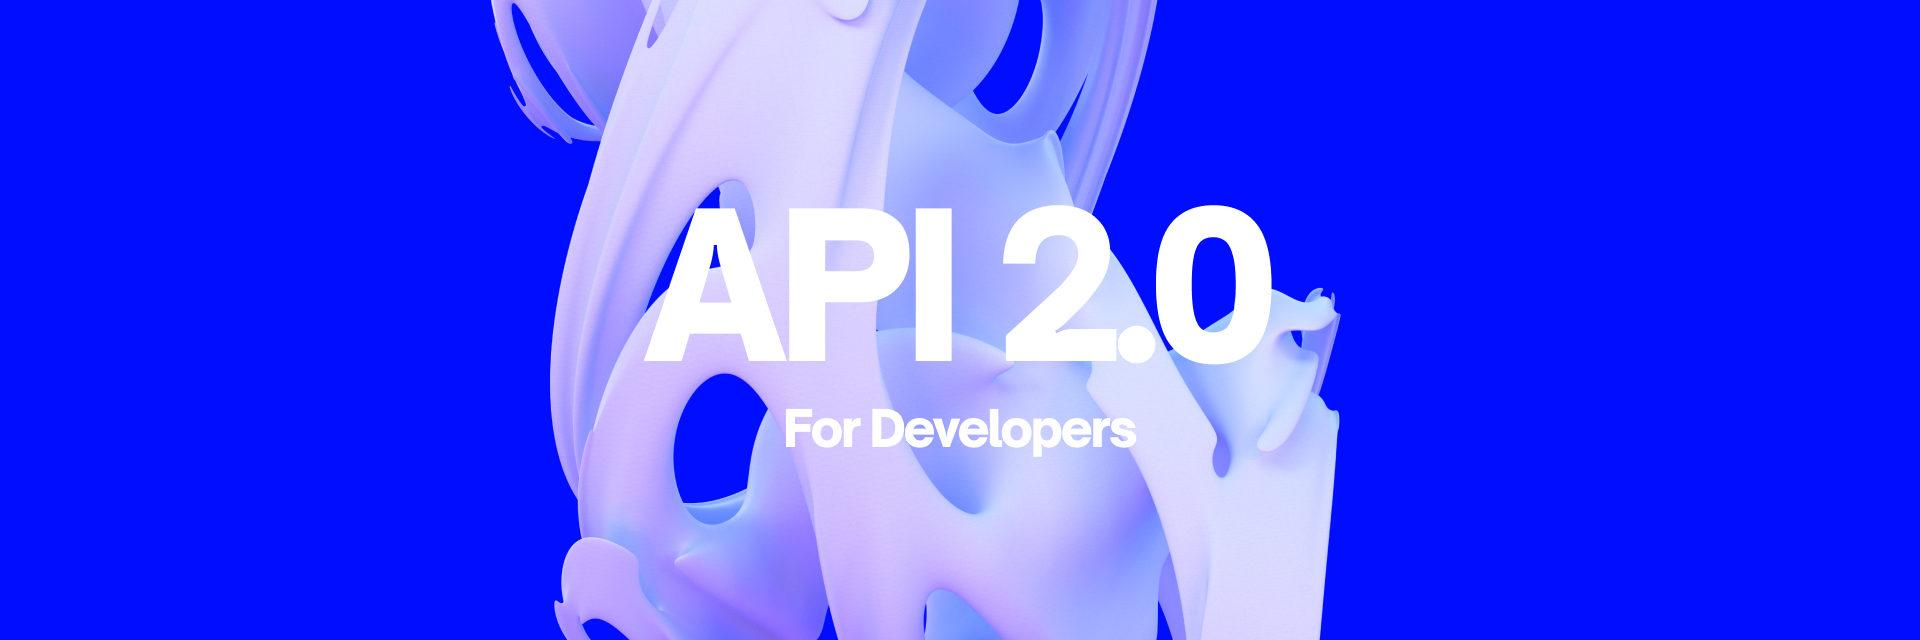 Introducing Mubert API 2.0 — Mubert Blog